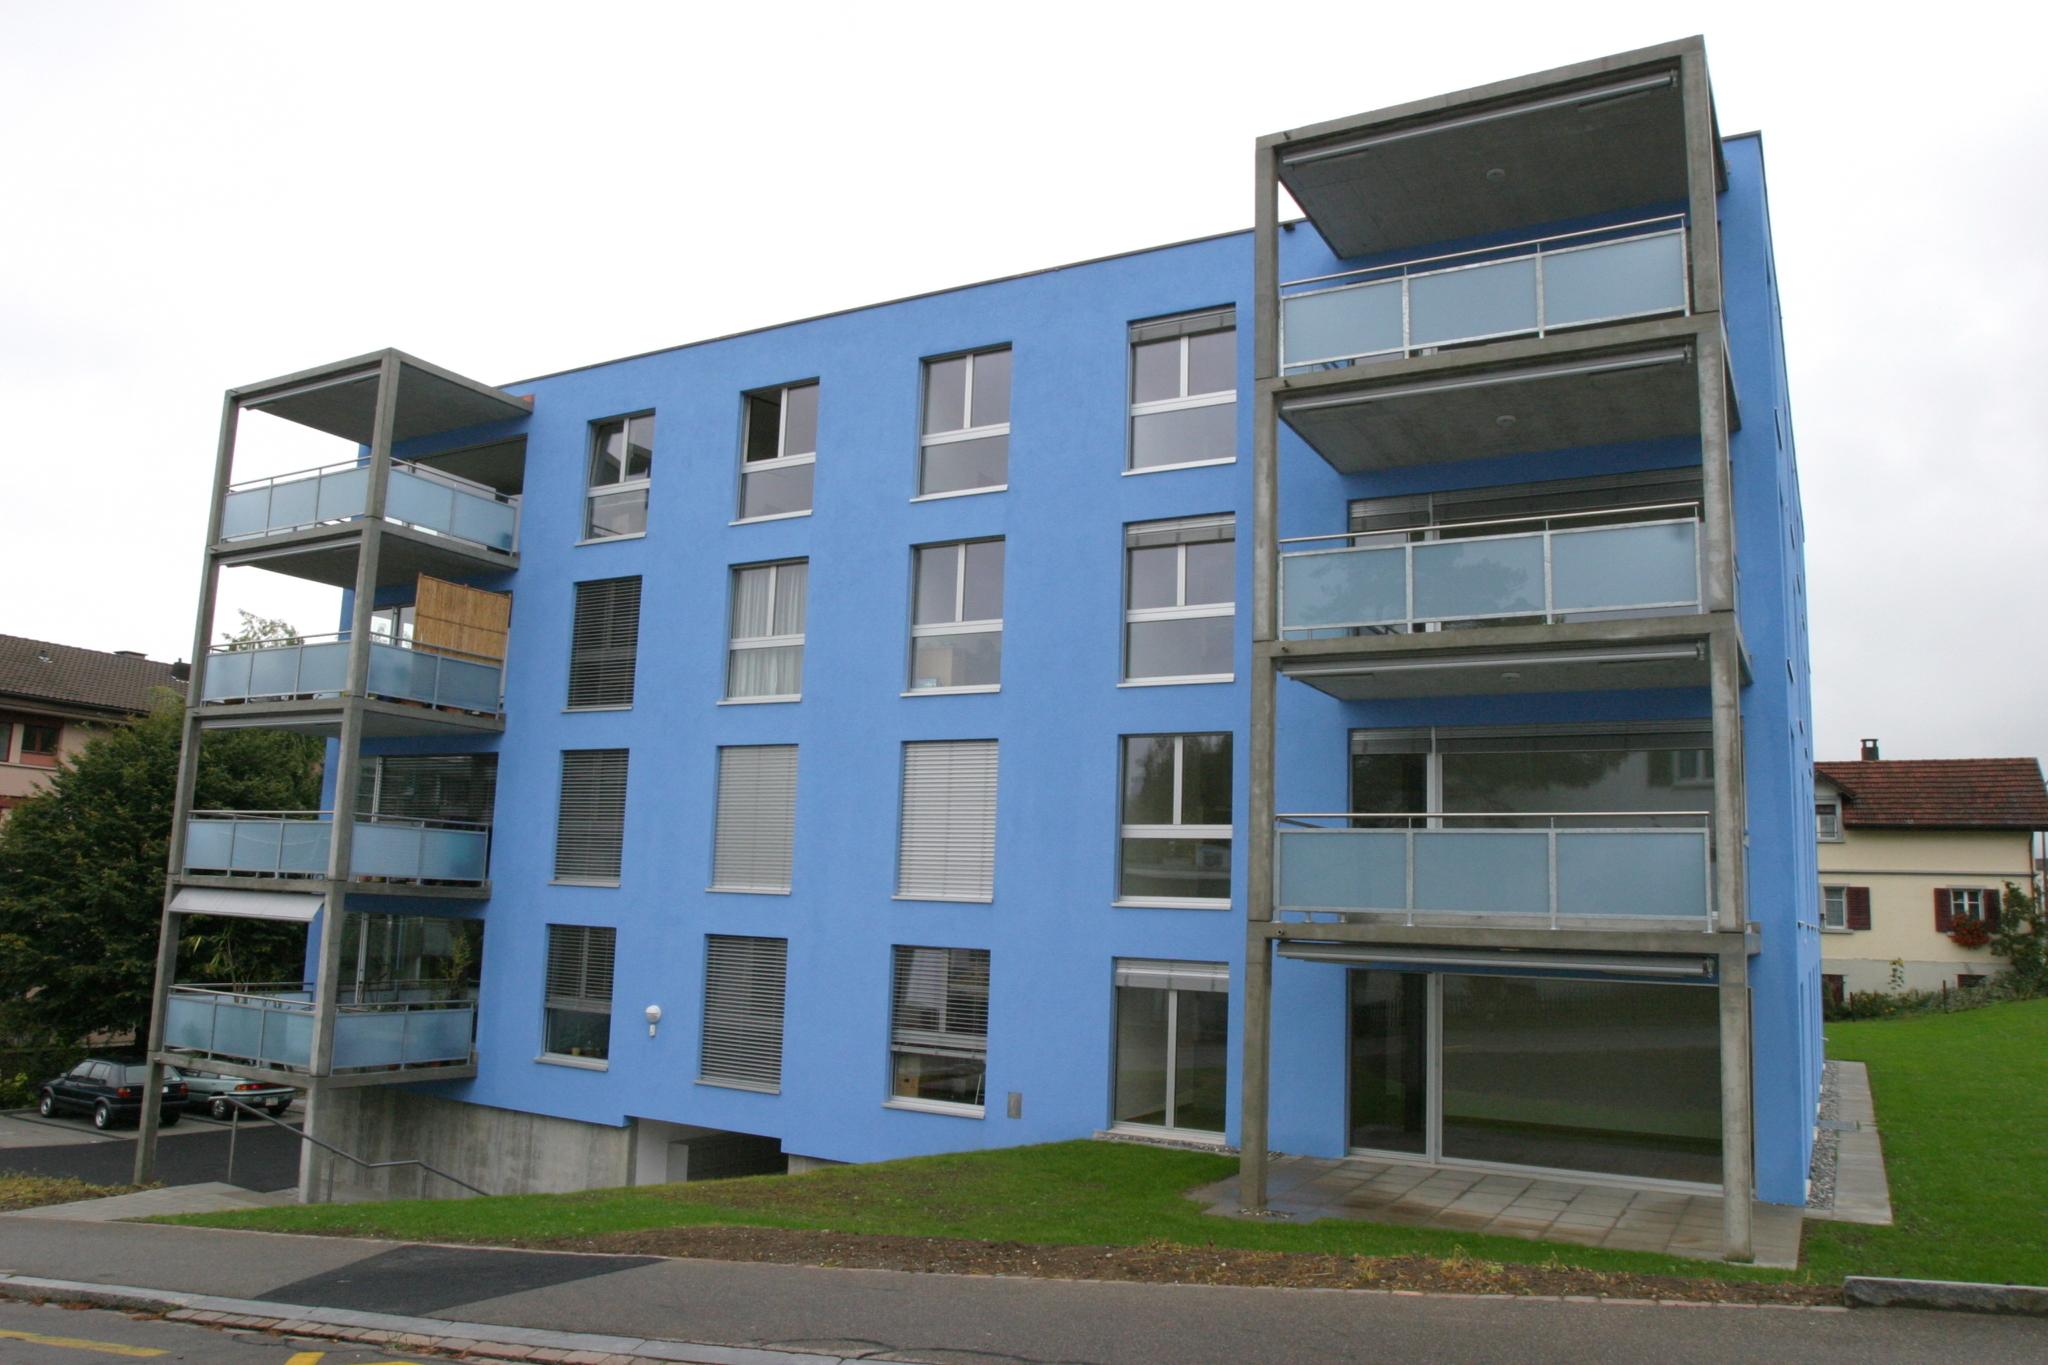 16-Familienhaus in Kreuzlingen